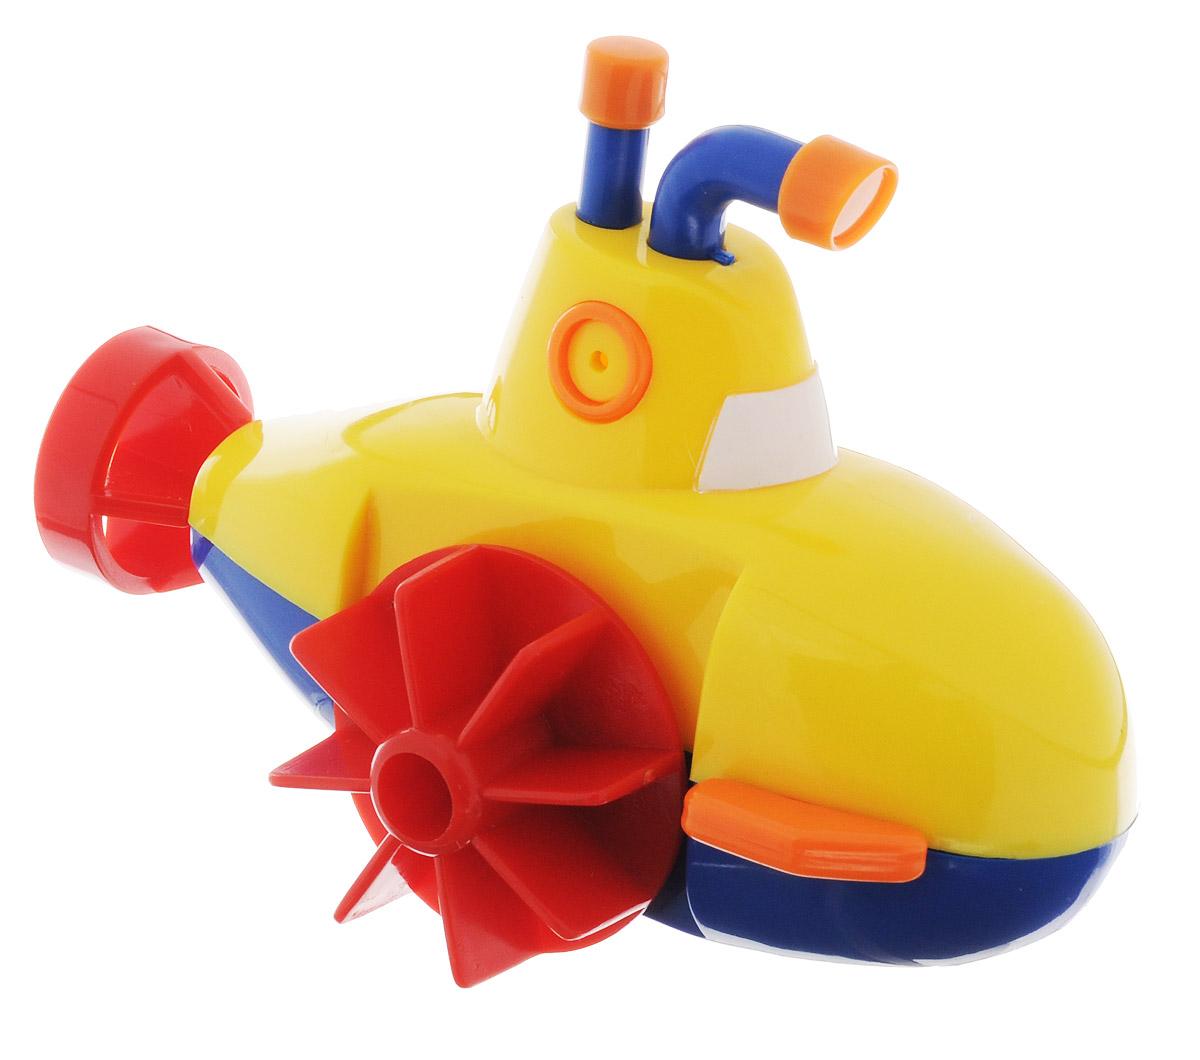 Navystar Игрушка для ванной Субмарина цвет желтый63906-1-YИгрушка для ванной Субмарина порадует вашего малыша во время купания и сделает этот порой нелегкий процесс приятным и веселым. Субмарина выполнена из яркого безопасного пластика. Если покрутить колесики, расположенные по бокам игрушки, то субмарина быстро поплывет по поверхности воды. Данная игрушка не только развеселит вашего малыша, но и поможет развить мелкую моторику.